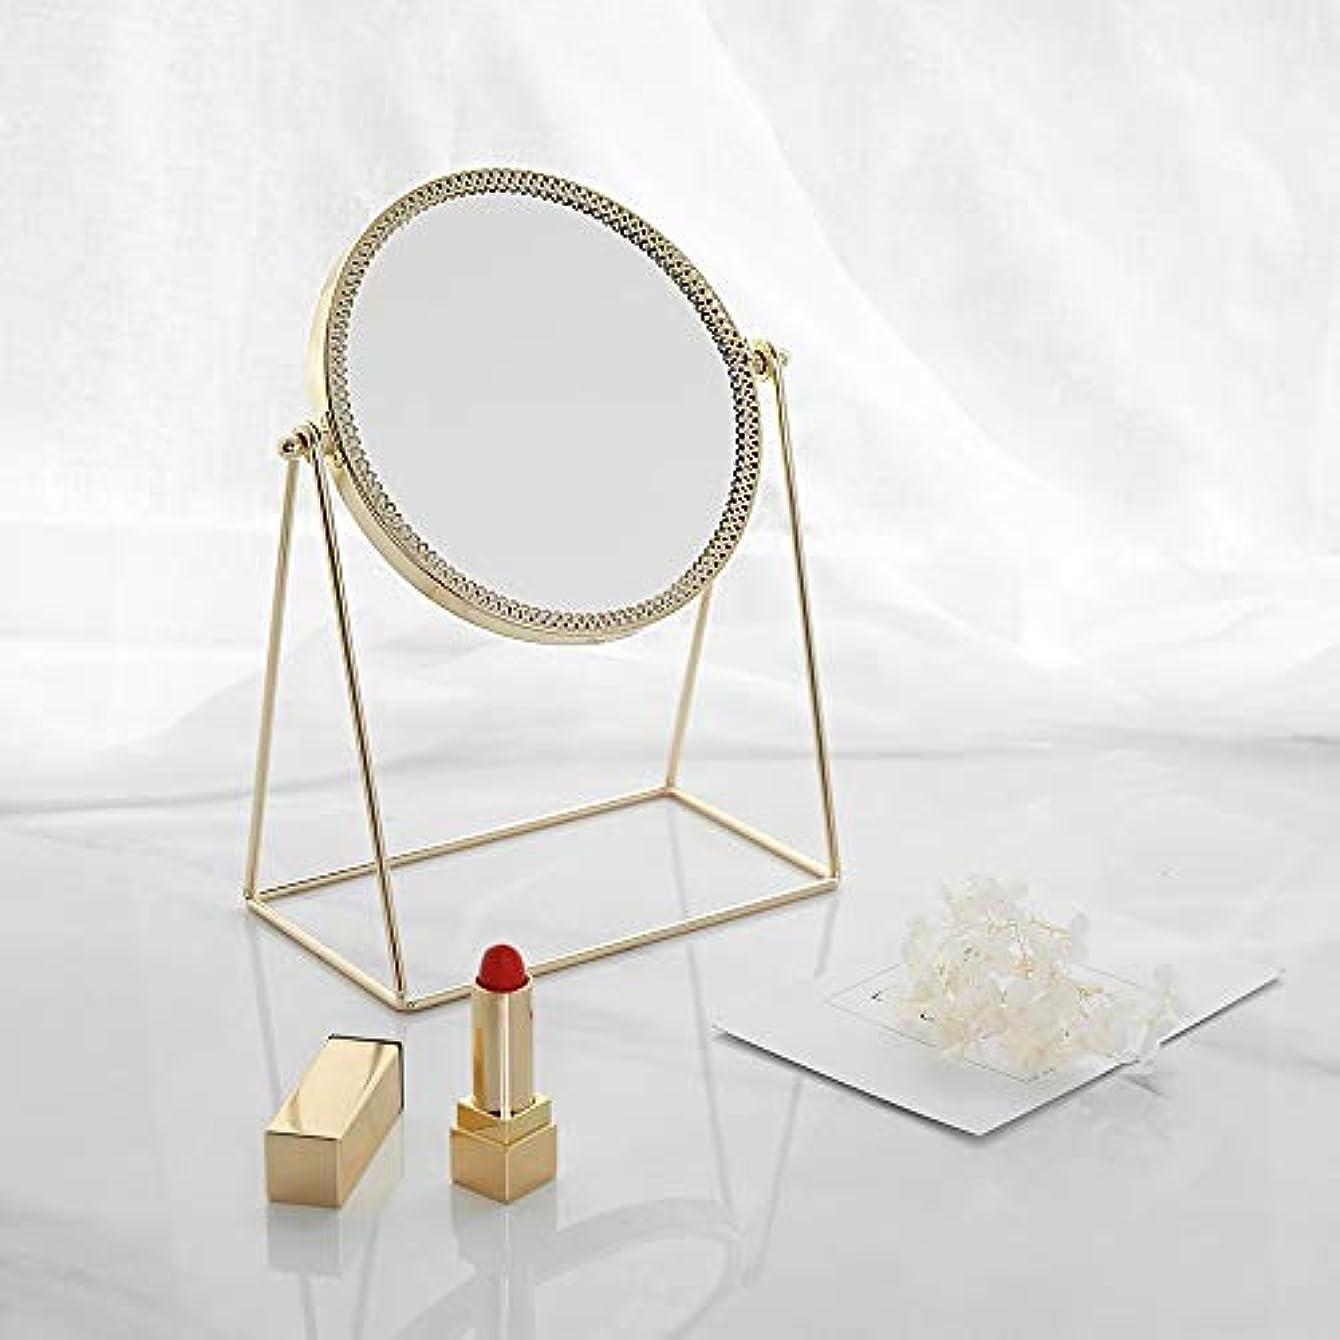 受ける肺舗装する流行の 現代の創造性ゴールドラウンドアイアンフレーム+ミラーデスクトップミラー/化粧鏡